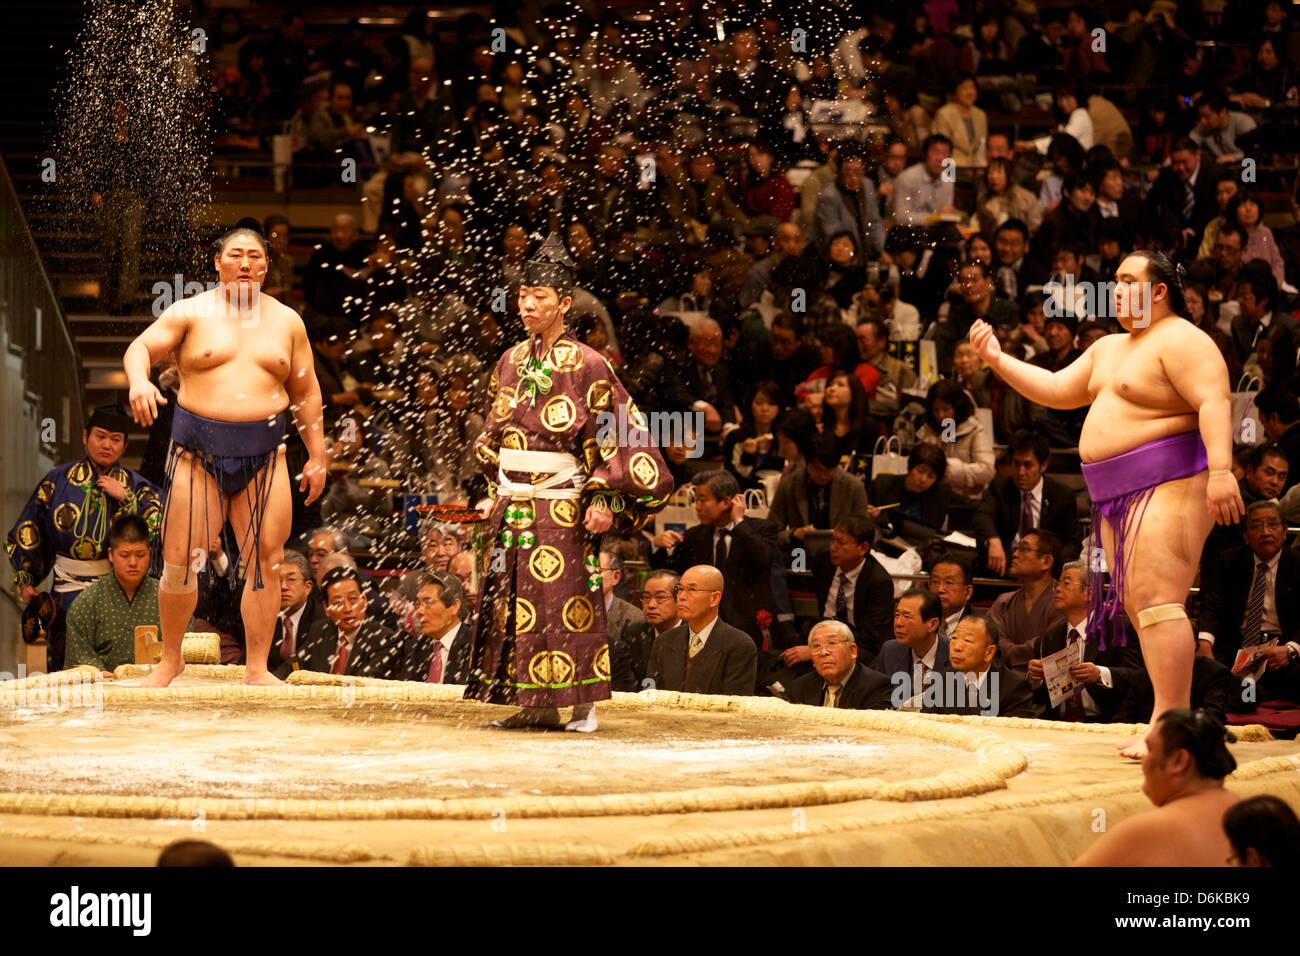 Alcuni lottatori di sumo gettando sale prima di una lotta al Kokugikan stadium, Tokyo, Giappone, Asia Immagini Stock